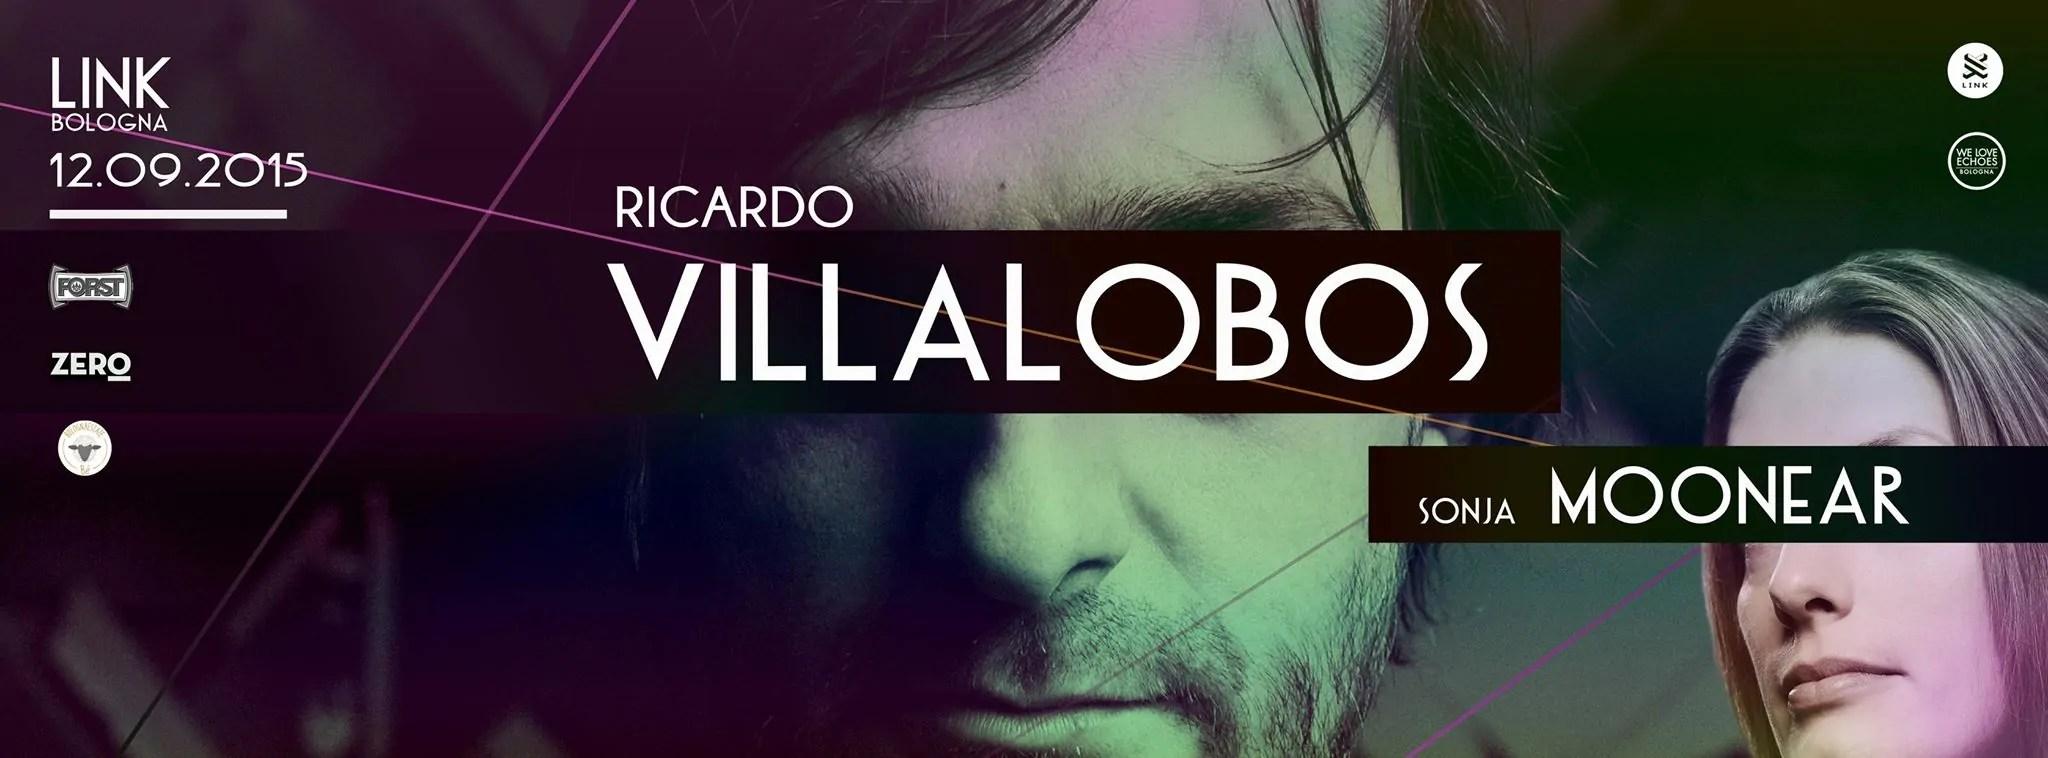 12 09 2015 Link Bologna Ricardo Villalobos Sonja Moonear